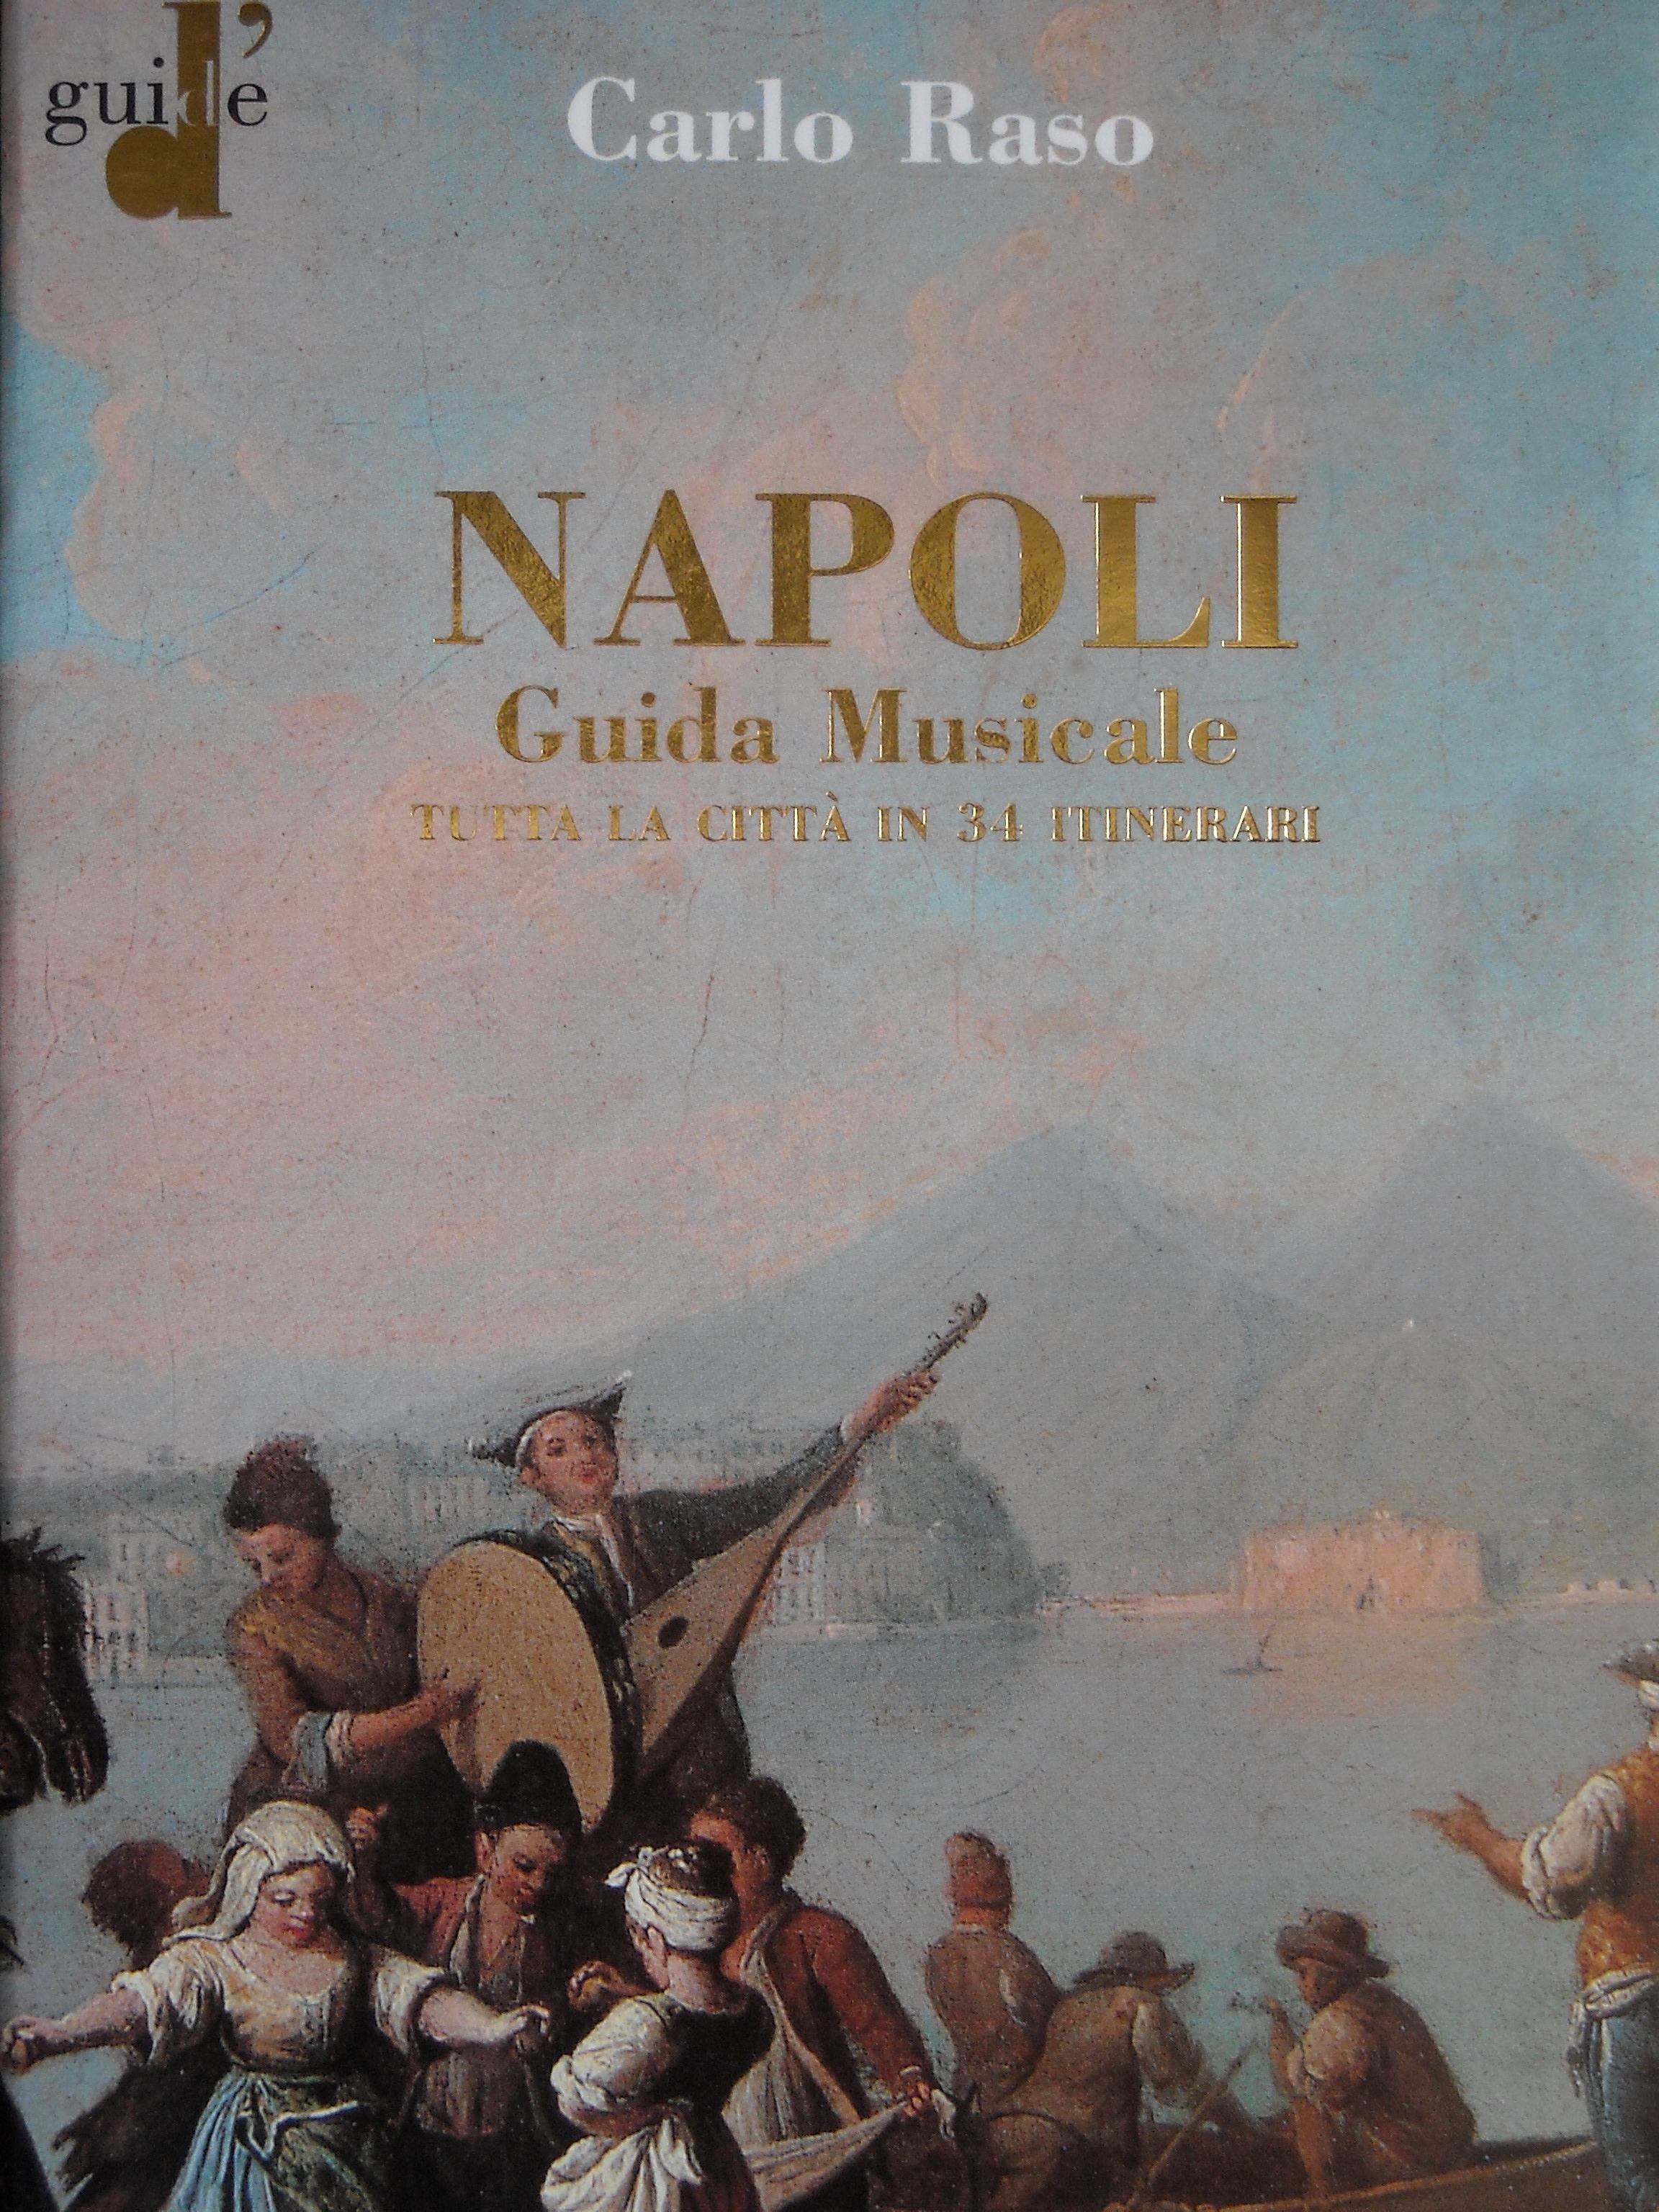 Napoli. Guida Musicale